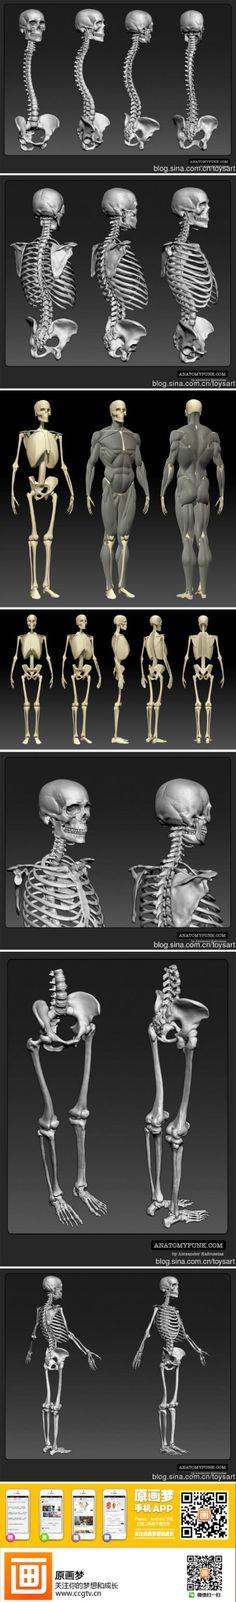 【基础教材】骨骼参考对照素材~希望对大家... 3d Anatomy, Human Body Anatomy, Muscle Anatomy, Anatomy Study, Anatomy Male, Body Reference, Anatomy Reference, Reference Images, Art Reference